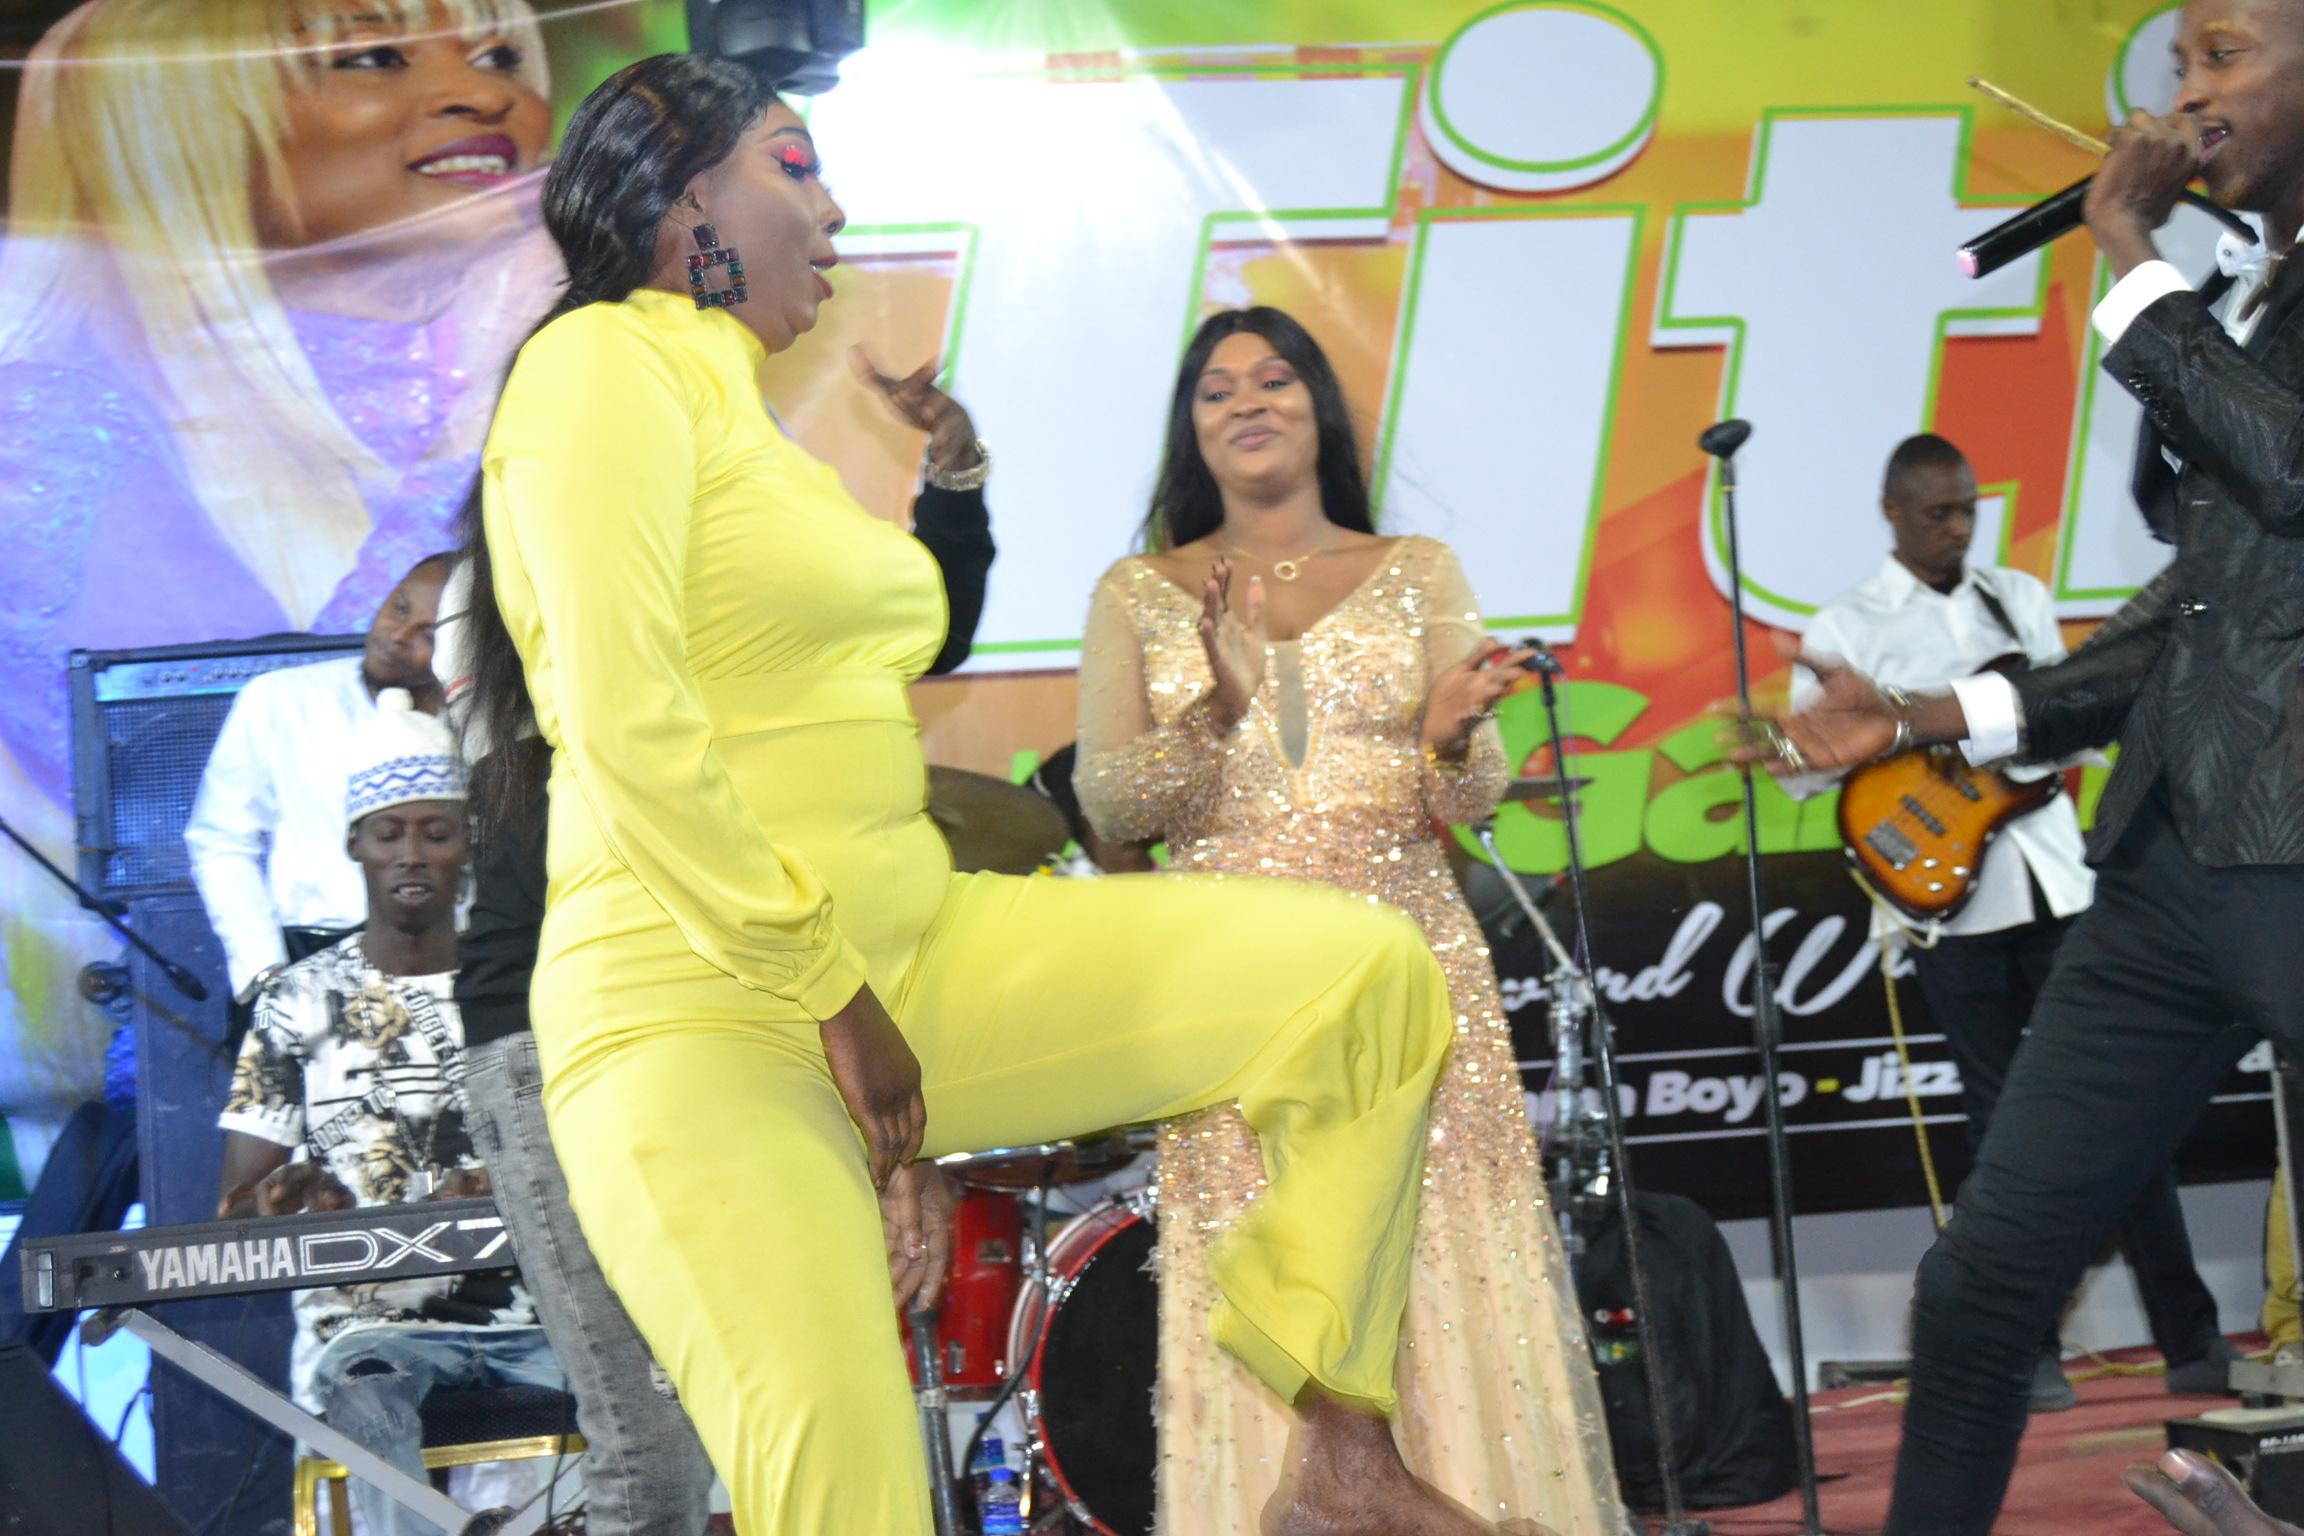 VIDÉO: Show live , le leumbeul d'enfer des gambiennes devant Titi la lionne de la musique. REGARDEZ